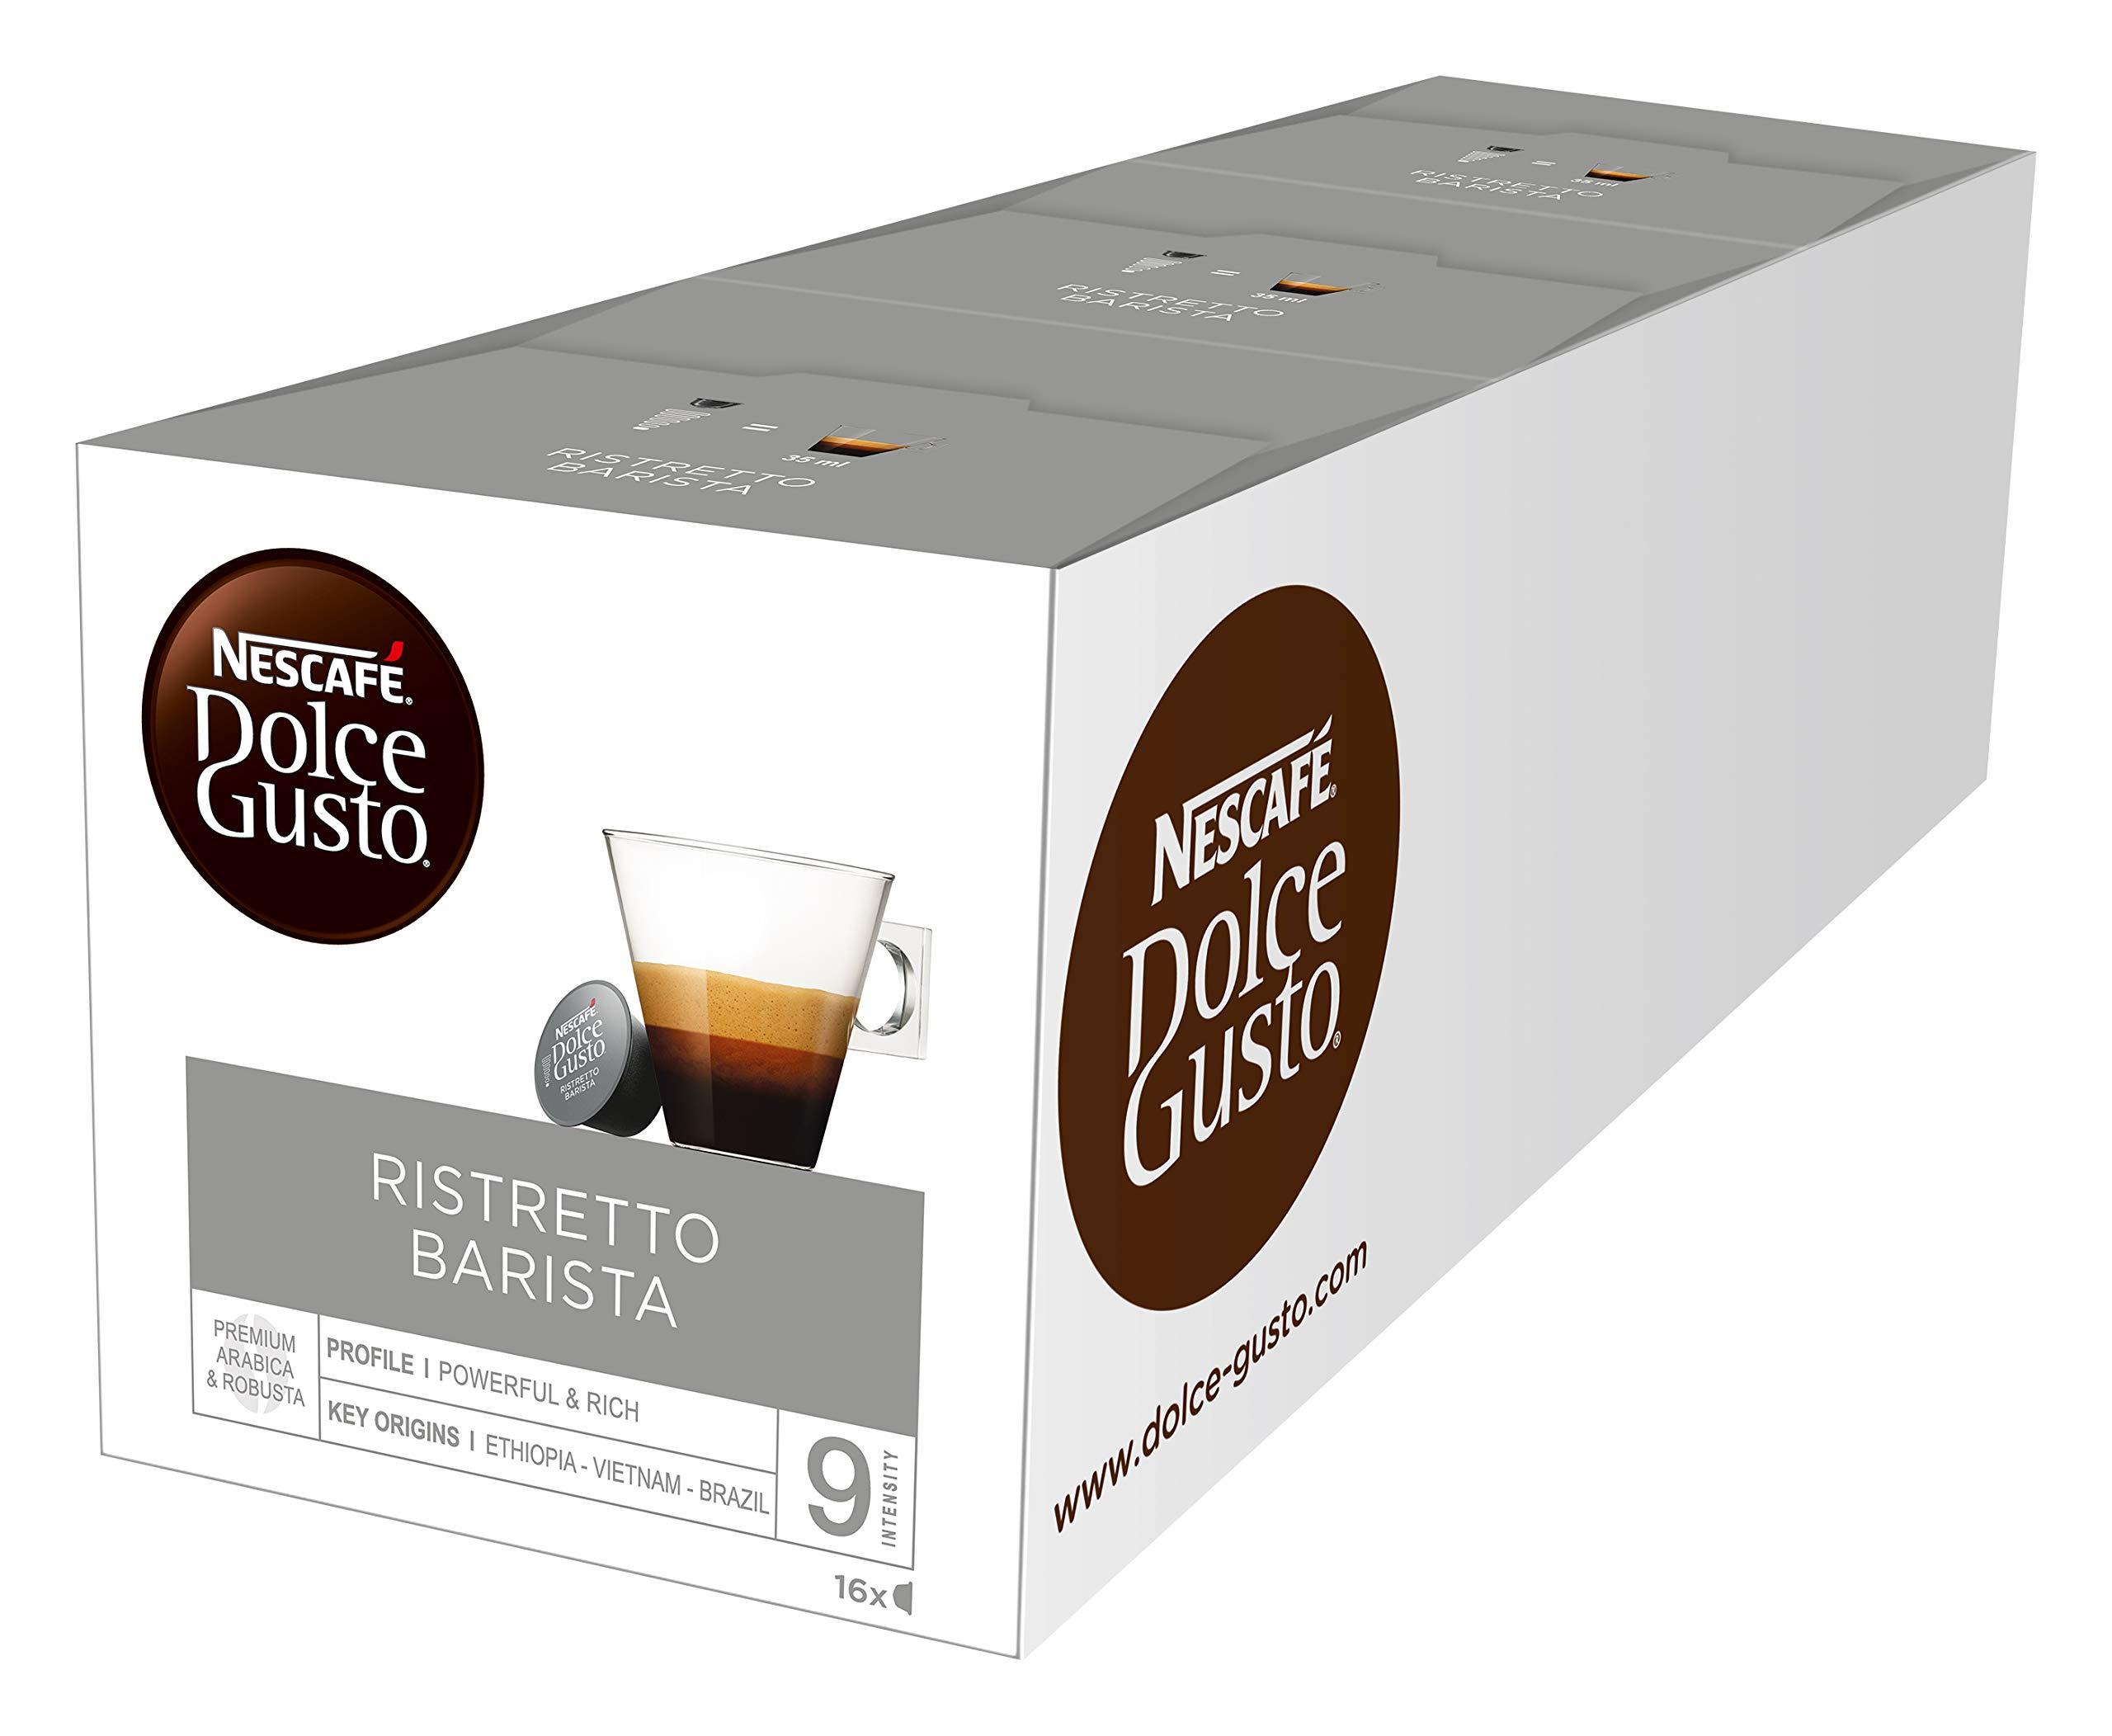 Nescafe Dolce Gusto Espresso Barista 16 capsules - Pack of 3